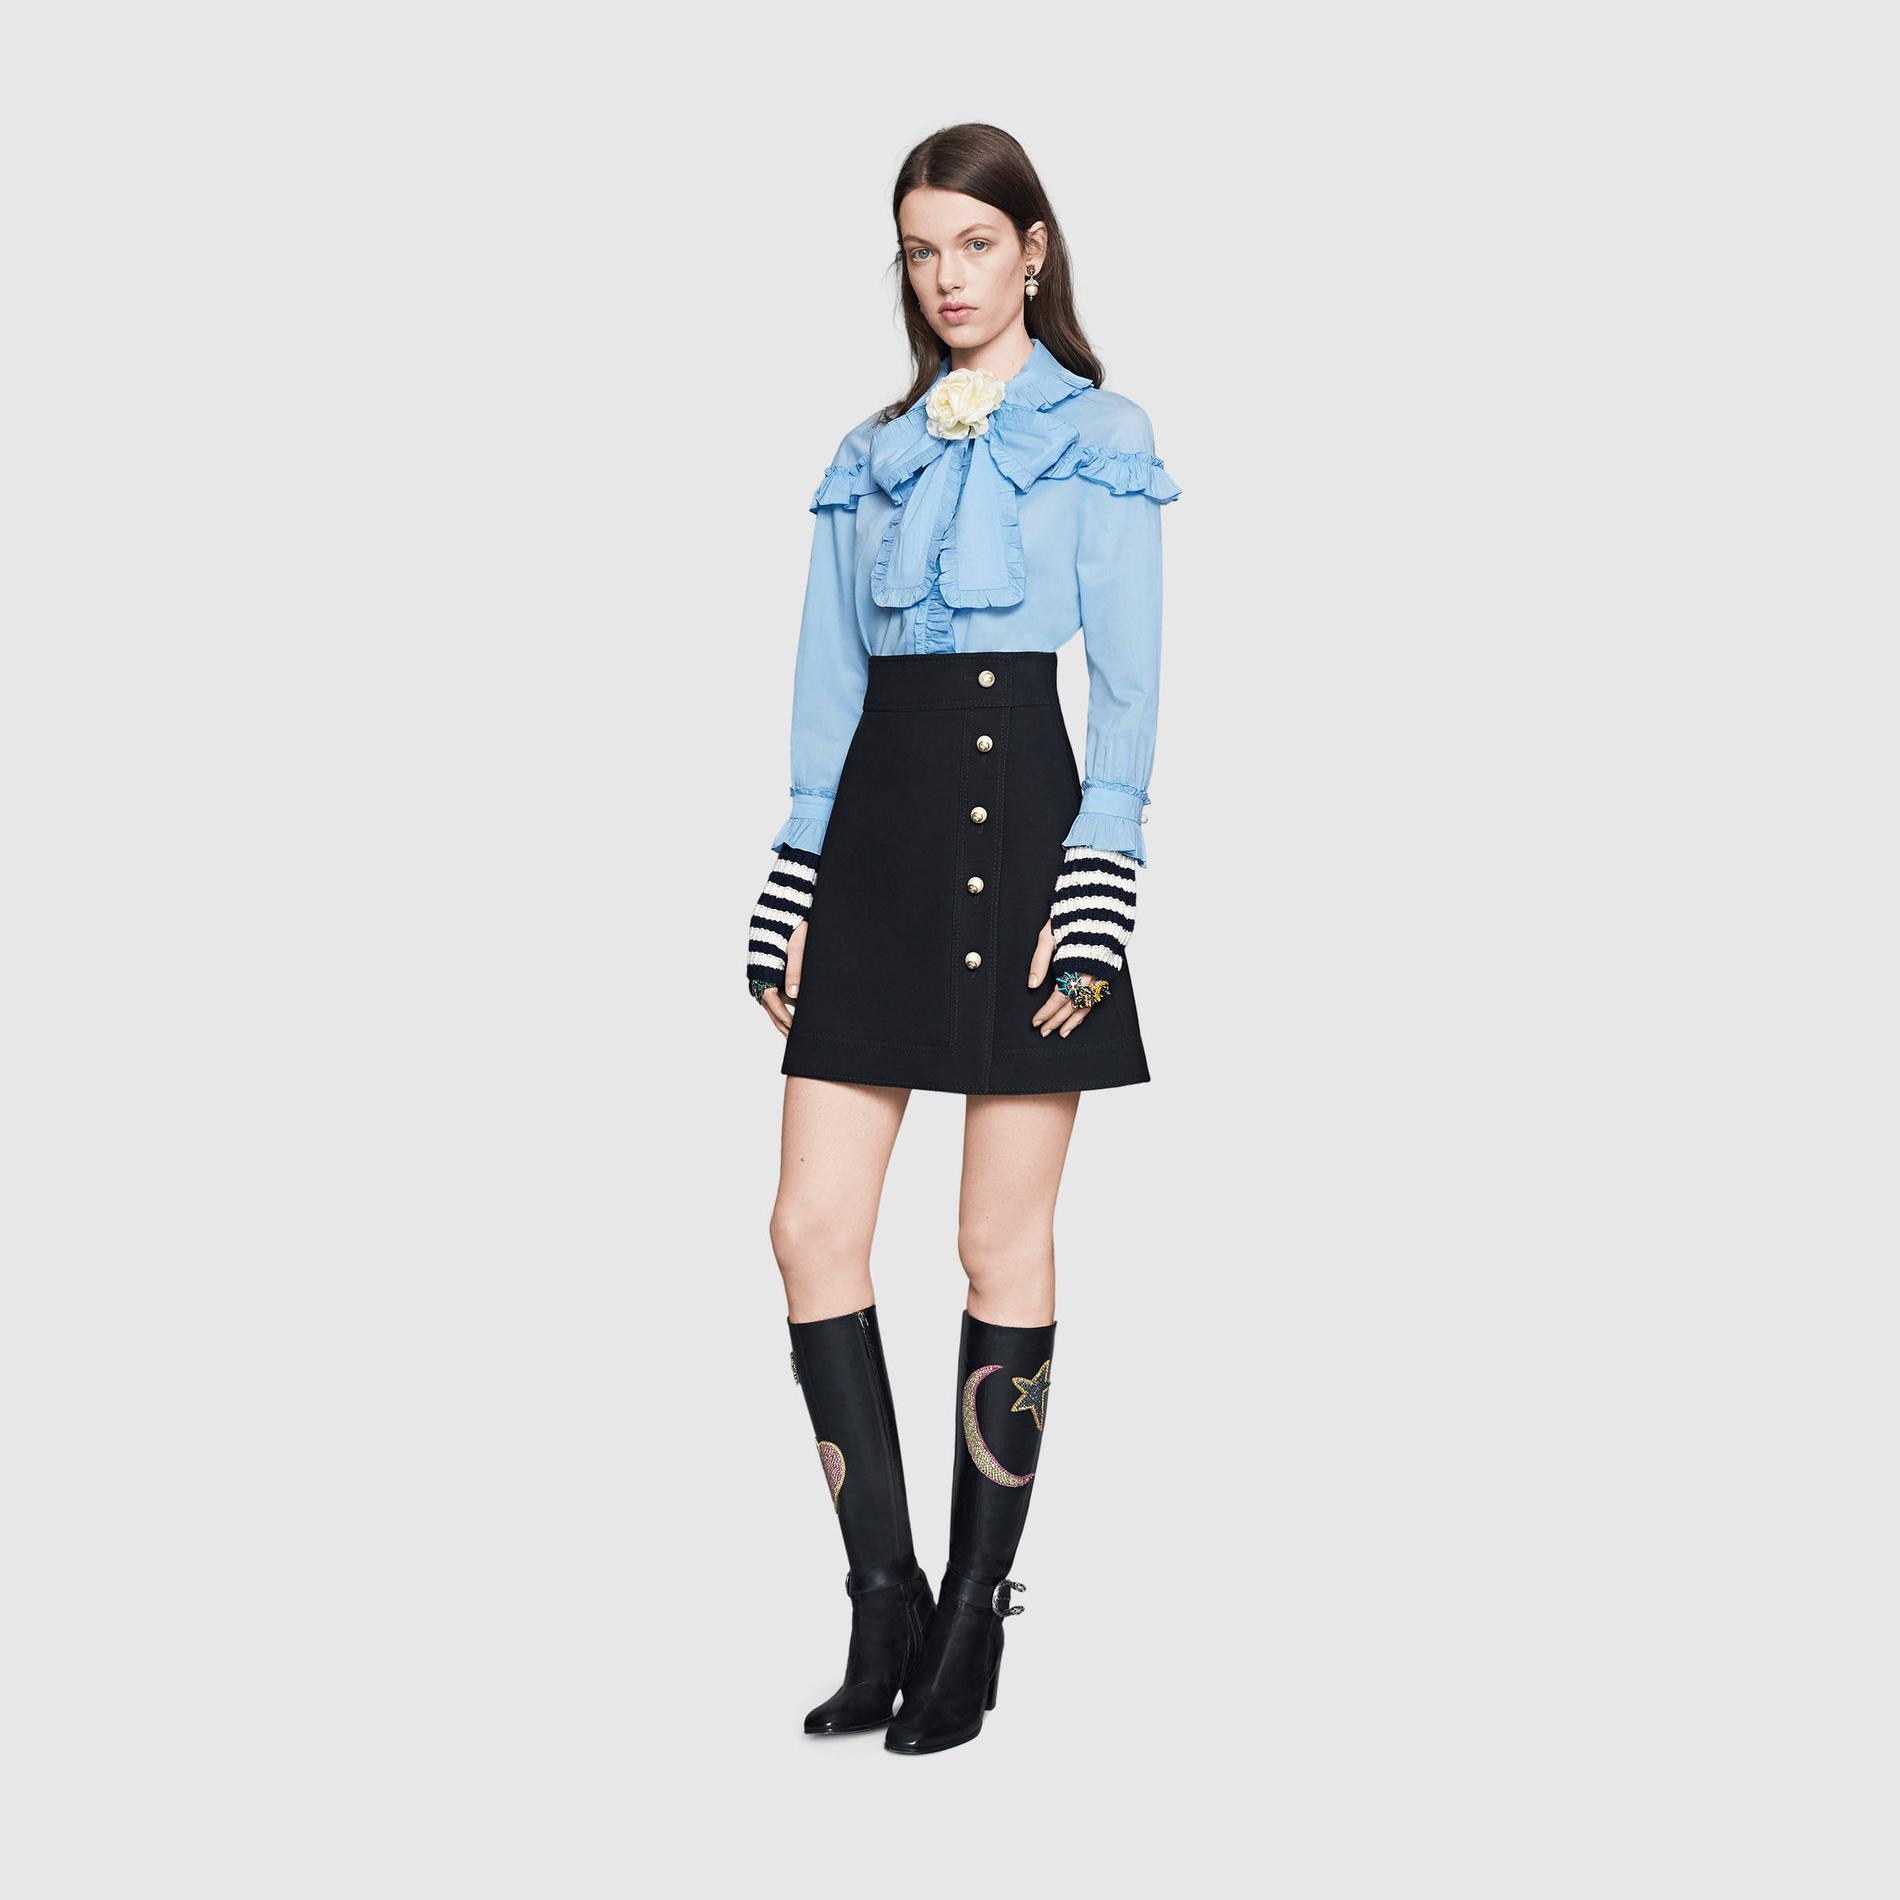 cace13a2d16 ... Bien choisir sa jupe en fonction de sa morphologie   la droite par  Uterqüe Bien choisir sa jupe en fonction de sa morphologie   la mini par  Lanvin Bien ...